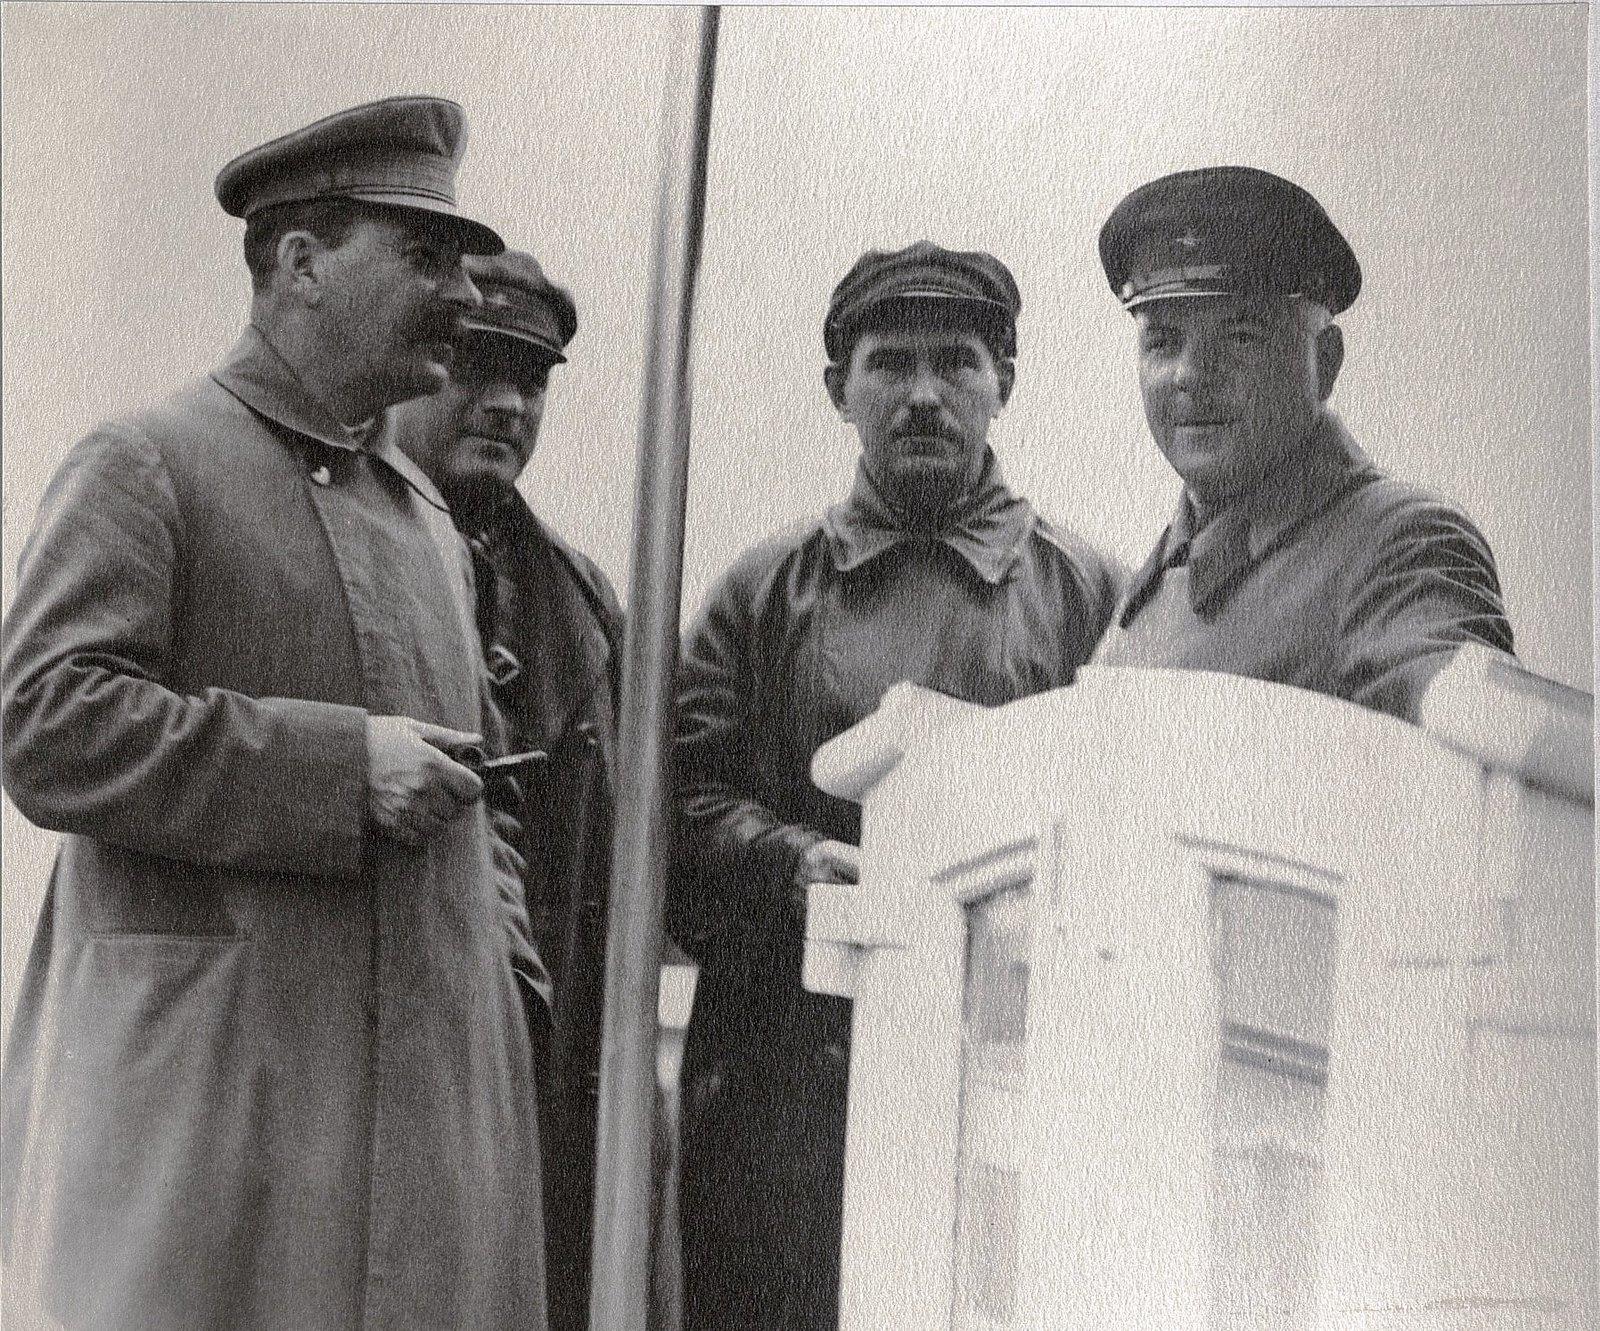 31. И.В. Сталин, К.Е. Ворошилов, Н.С. Власик, К.В. Паукер. Теплоход Клара Цеткин. Август 1933